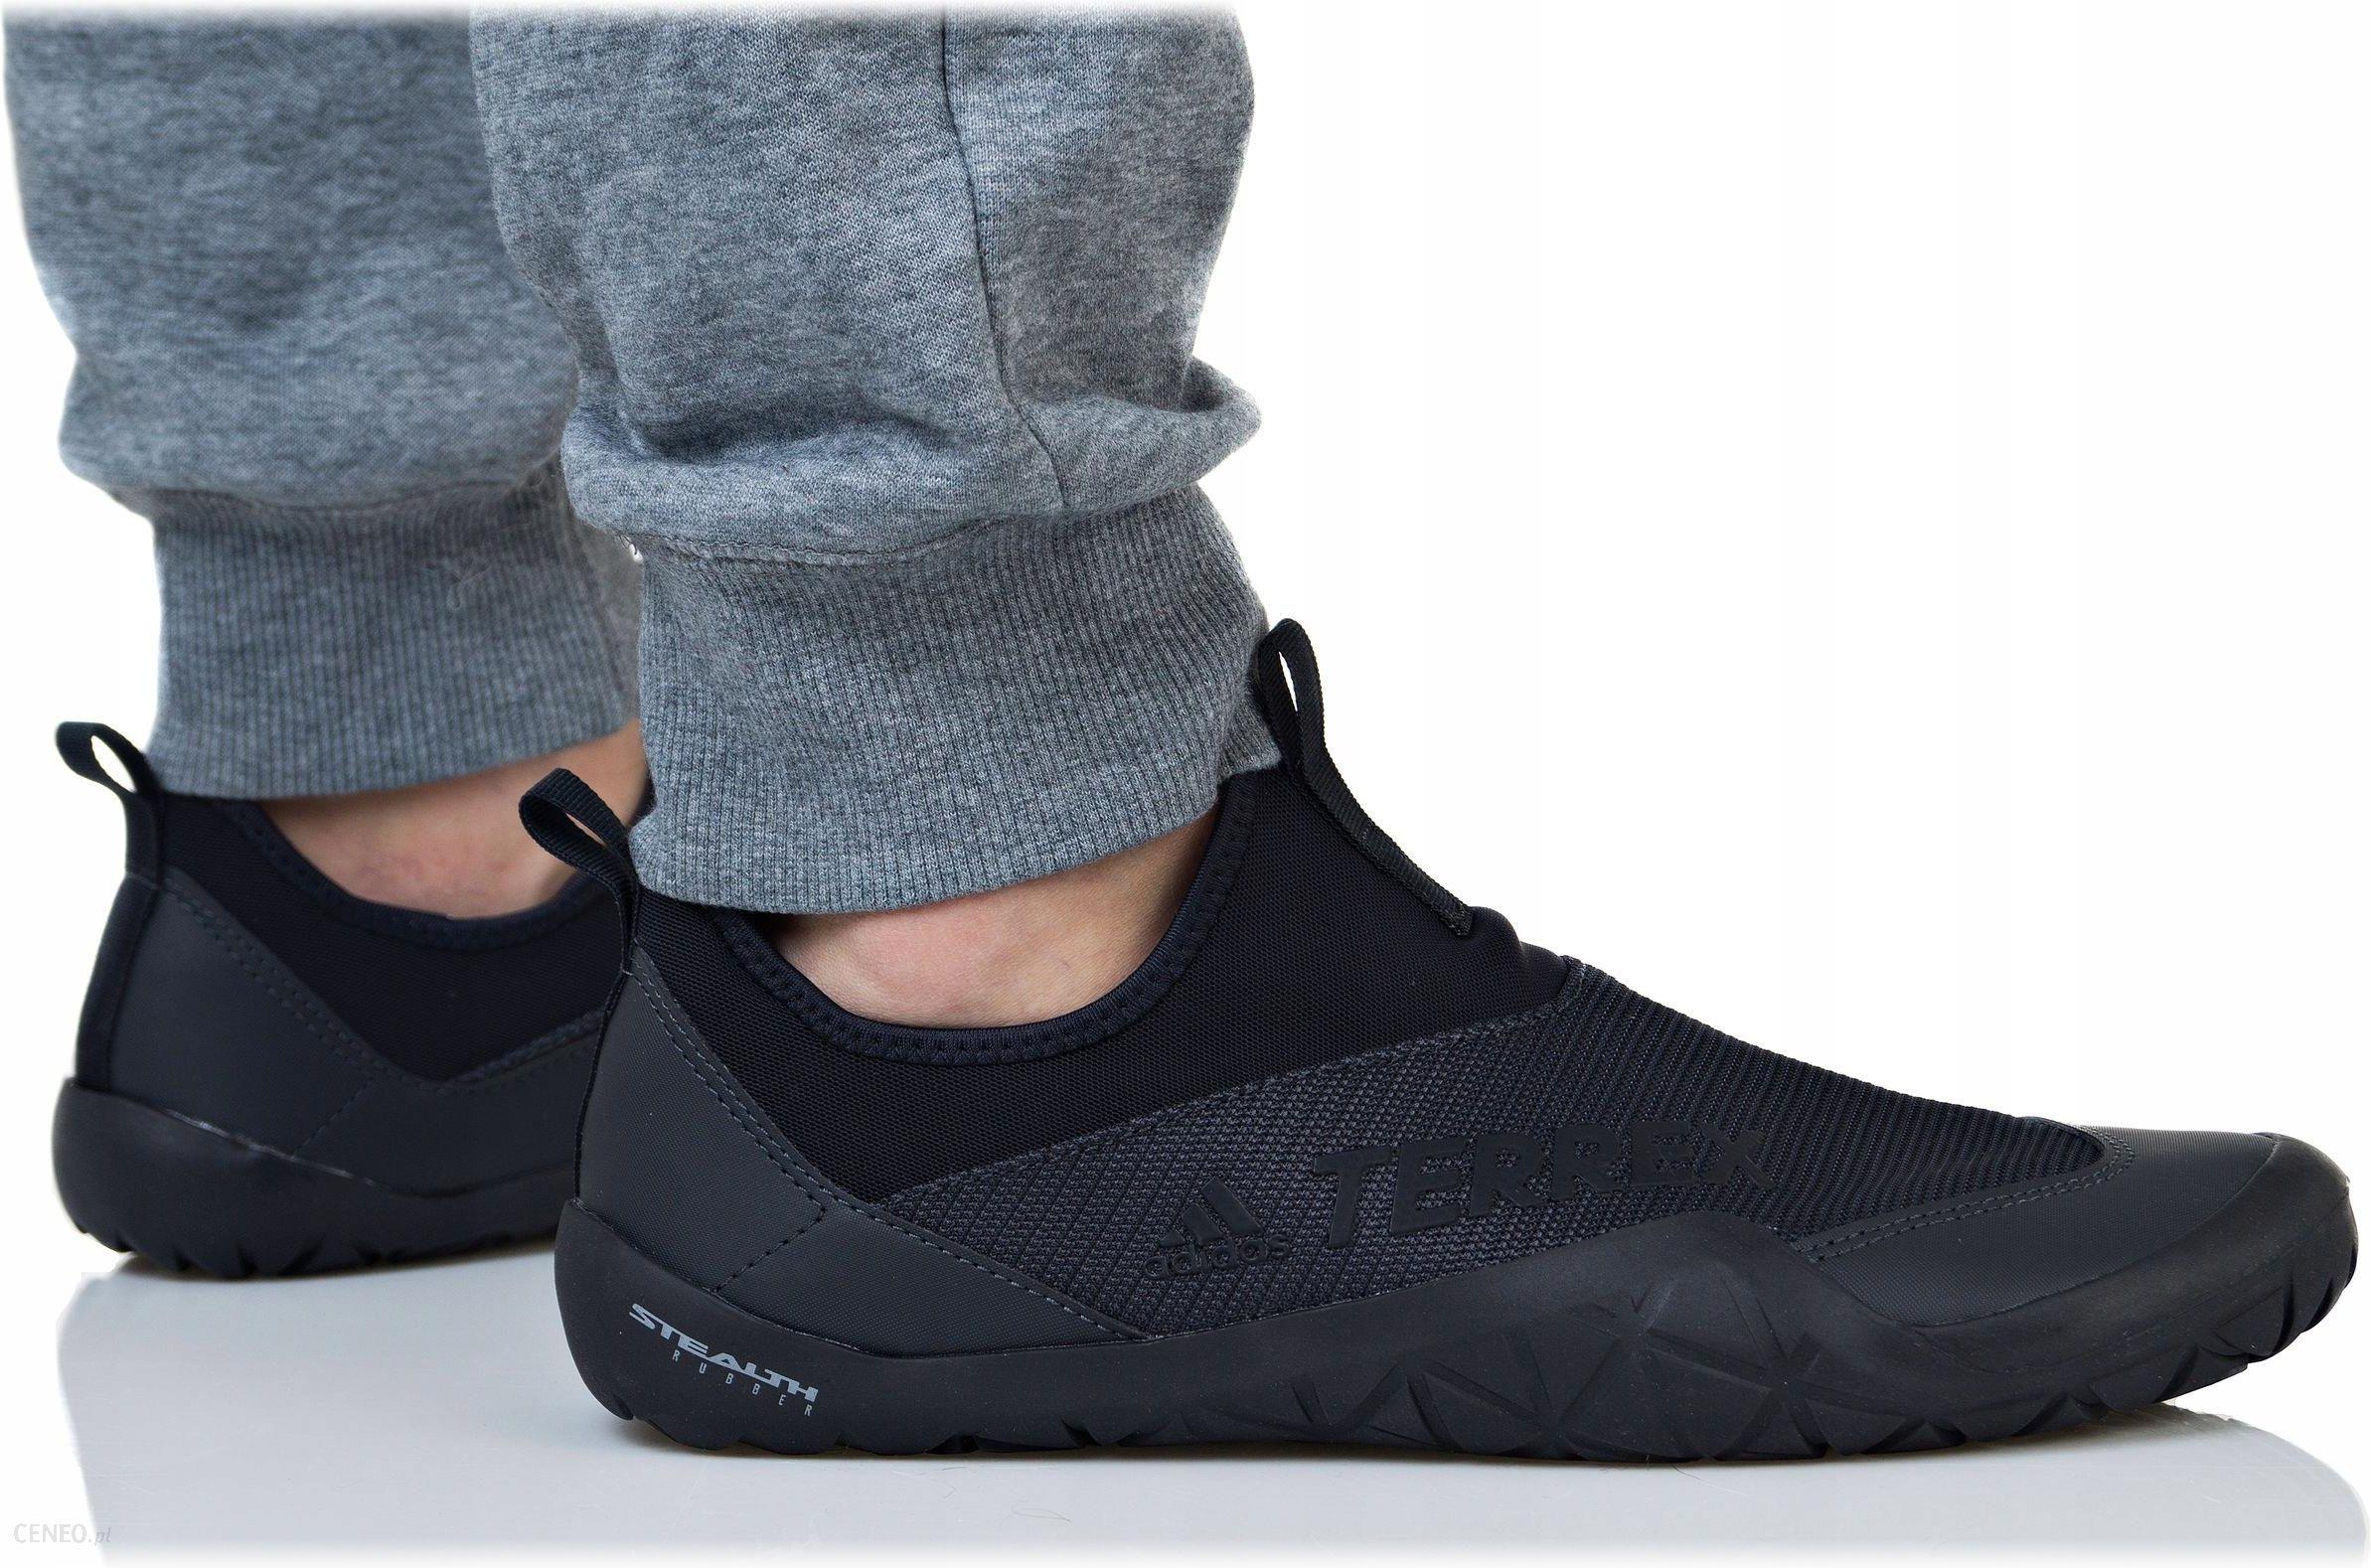 Buty Adidas Meskie Terrex Jawpaw Cm7531 Do Wody Ceny I Opinie Ceneo Pl